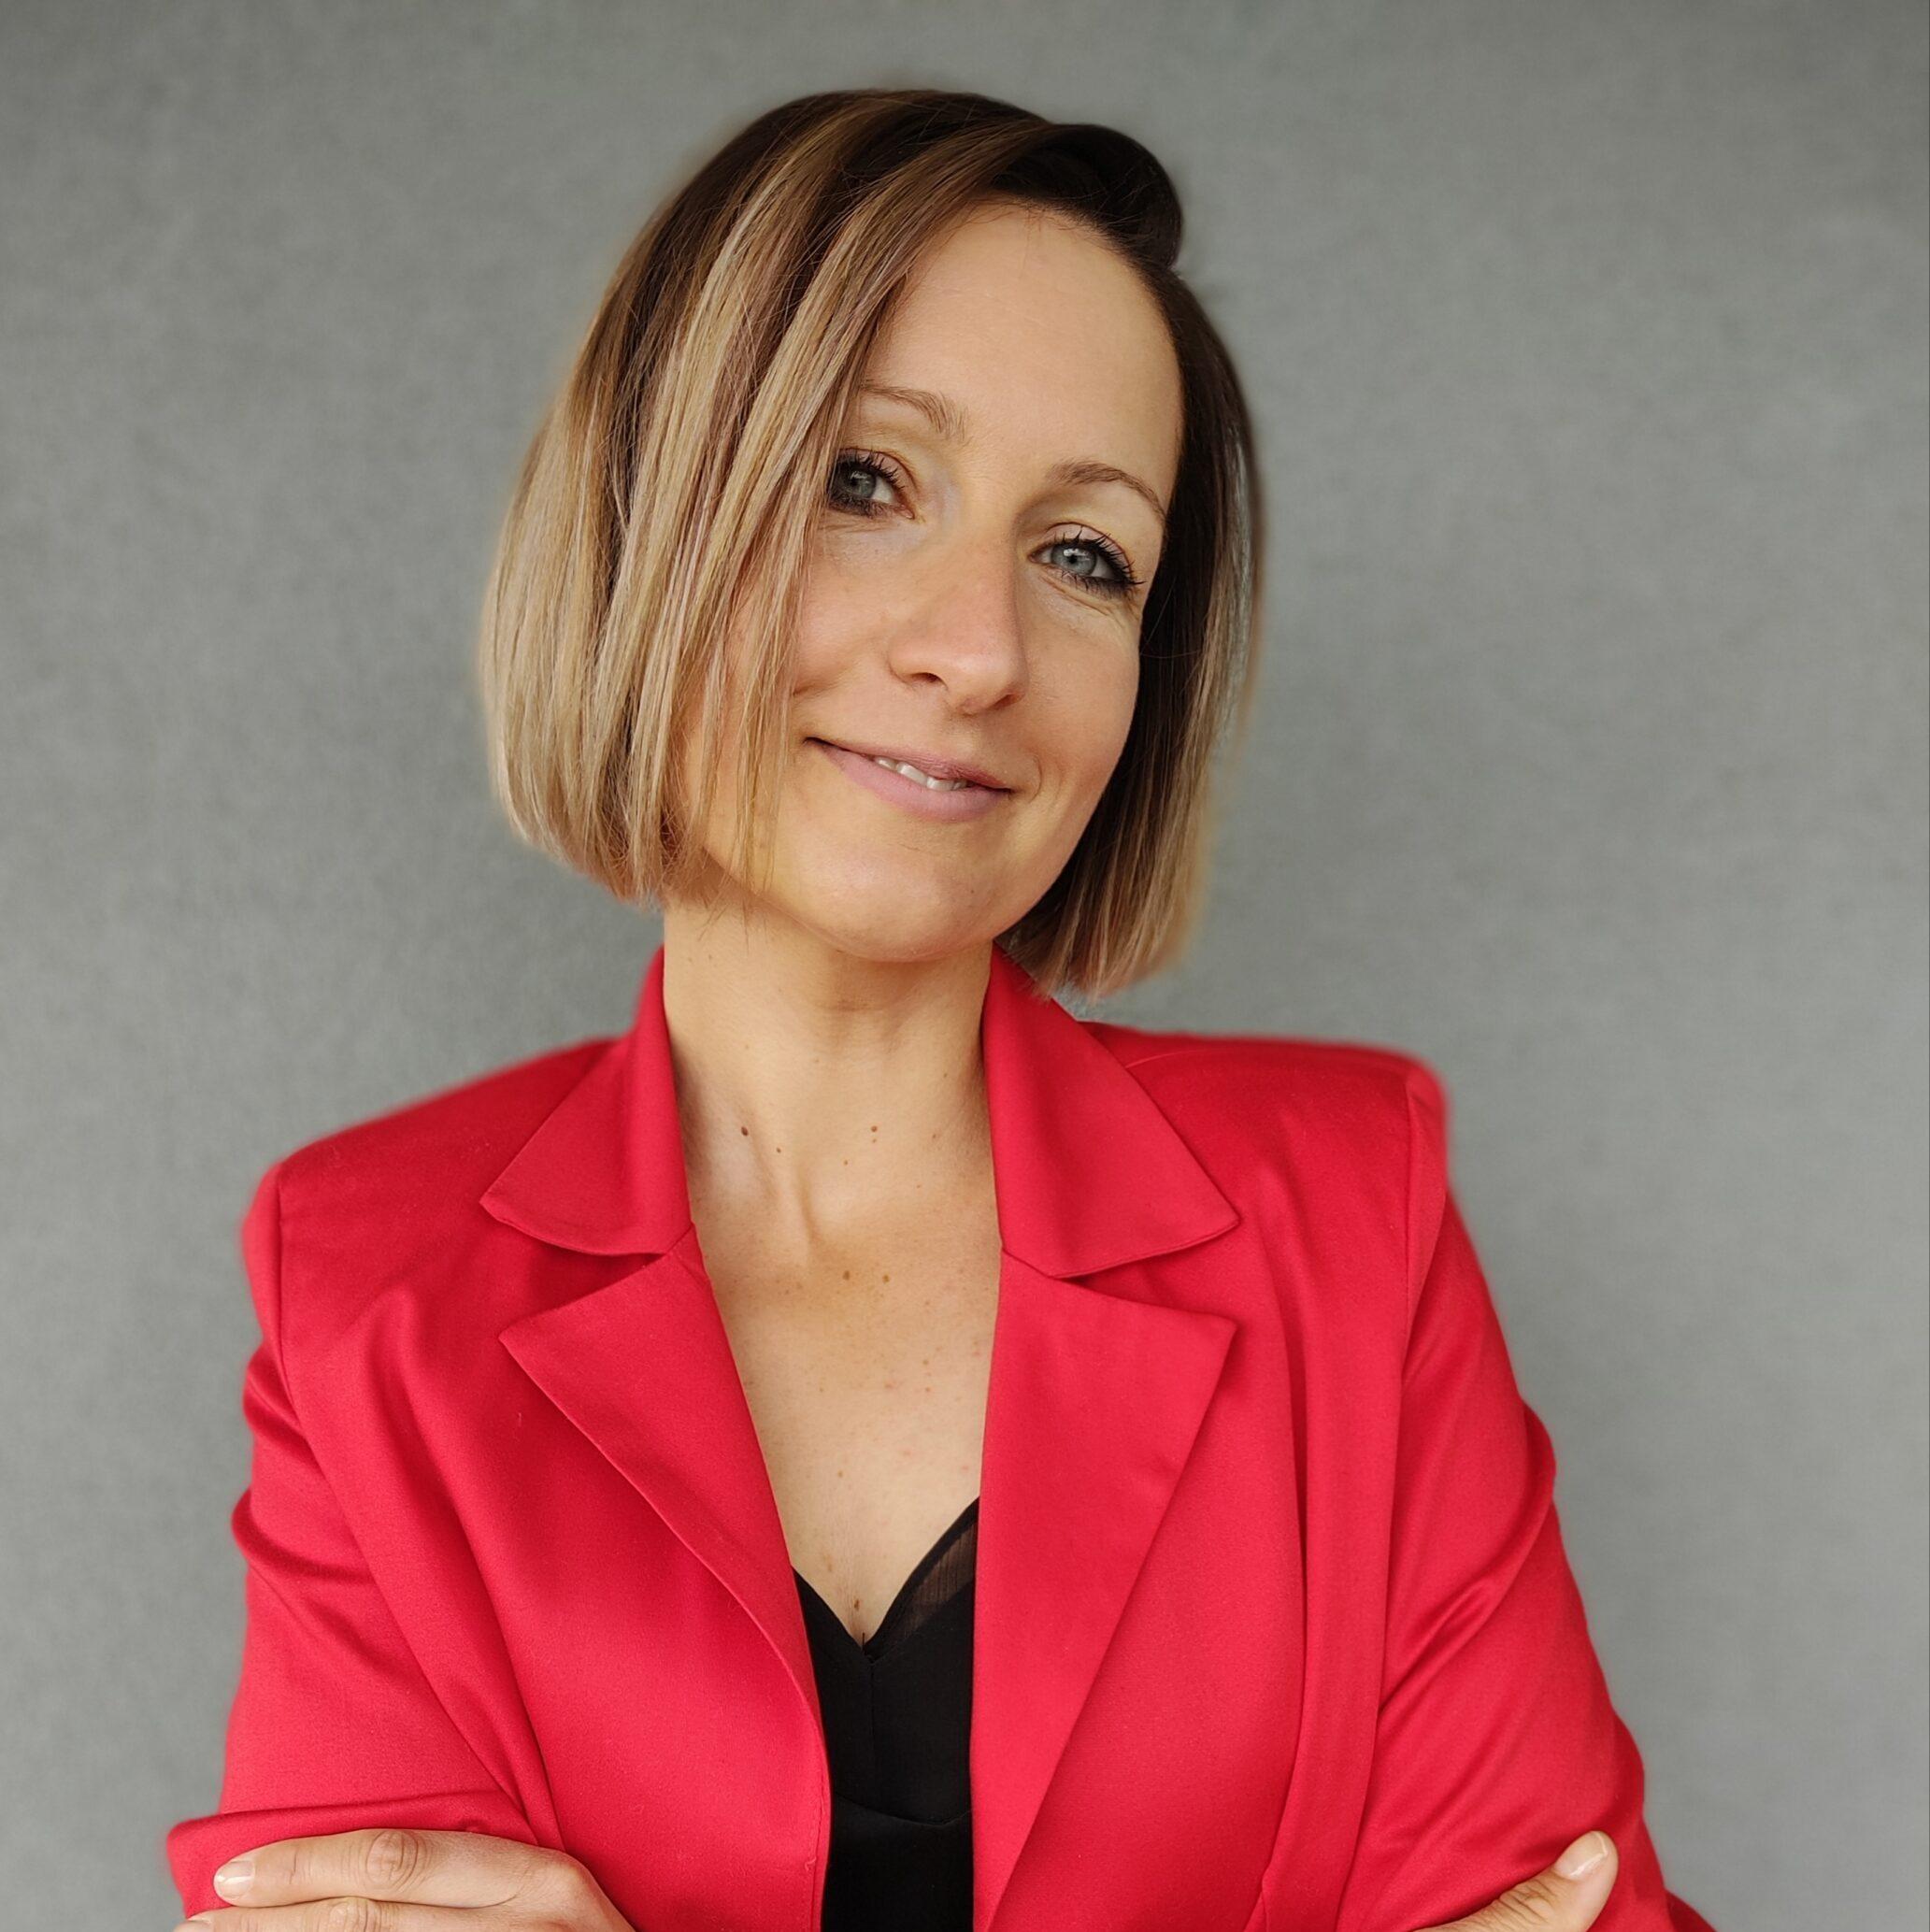 Katarzyna Kret